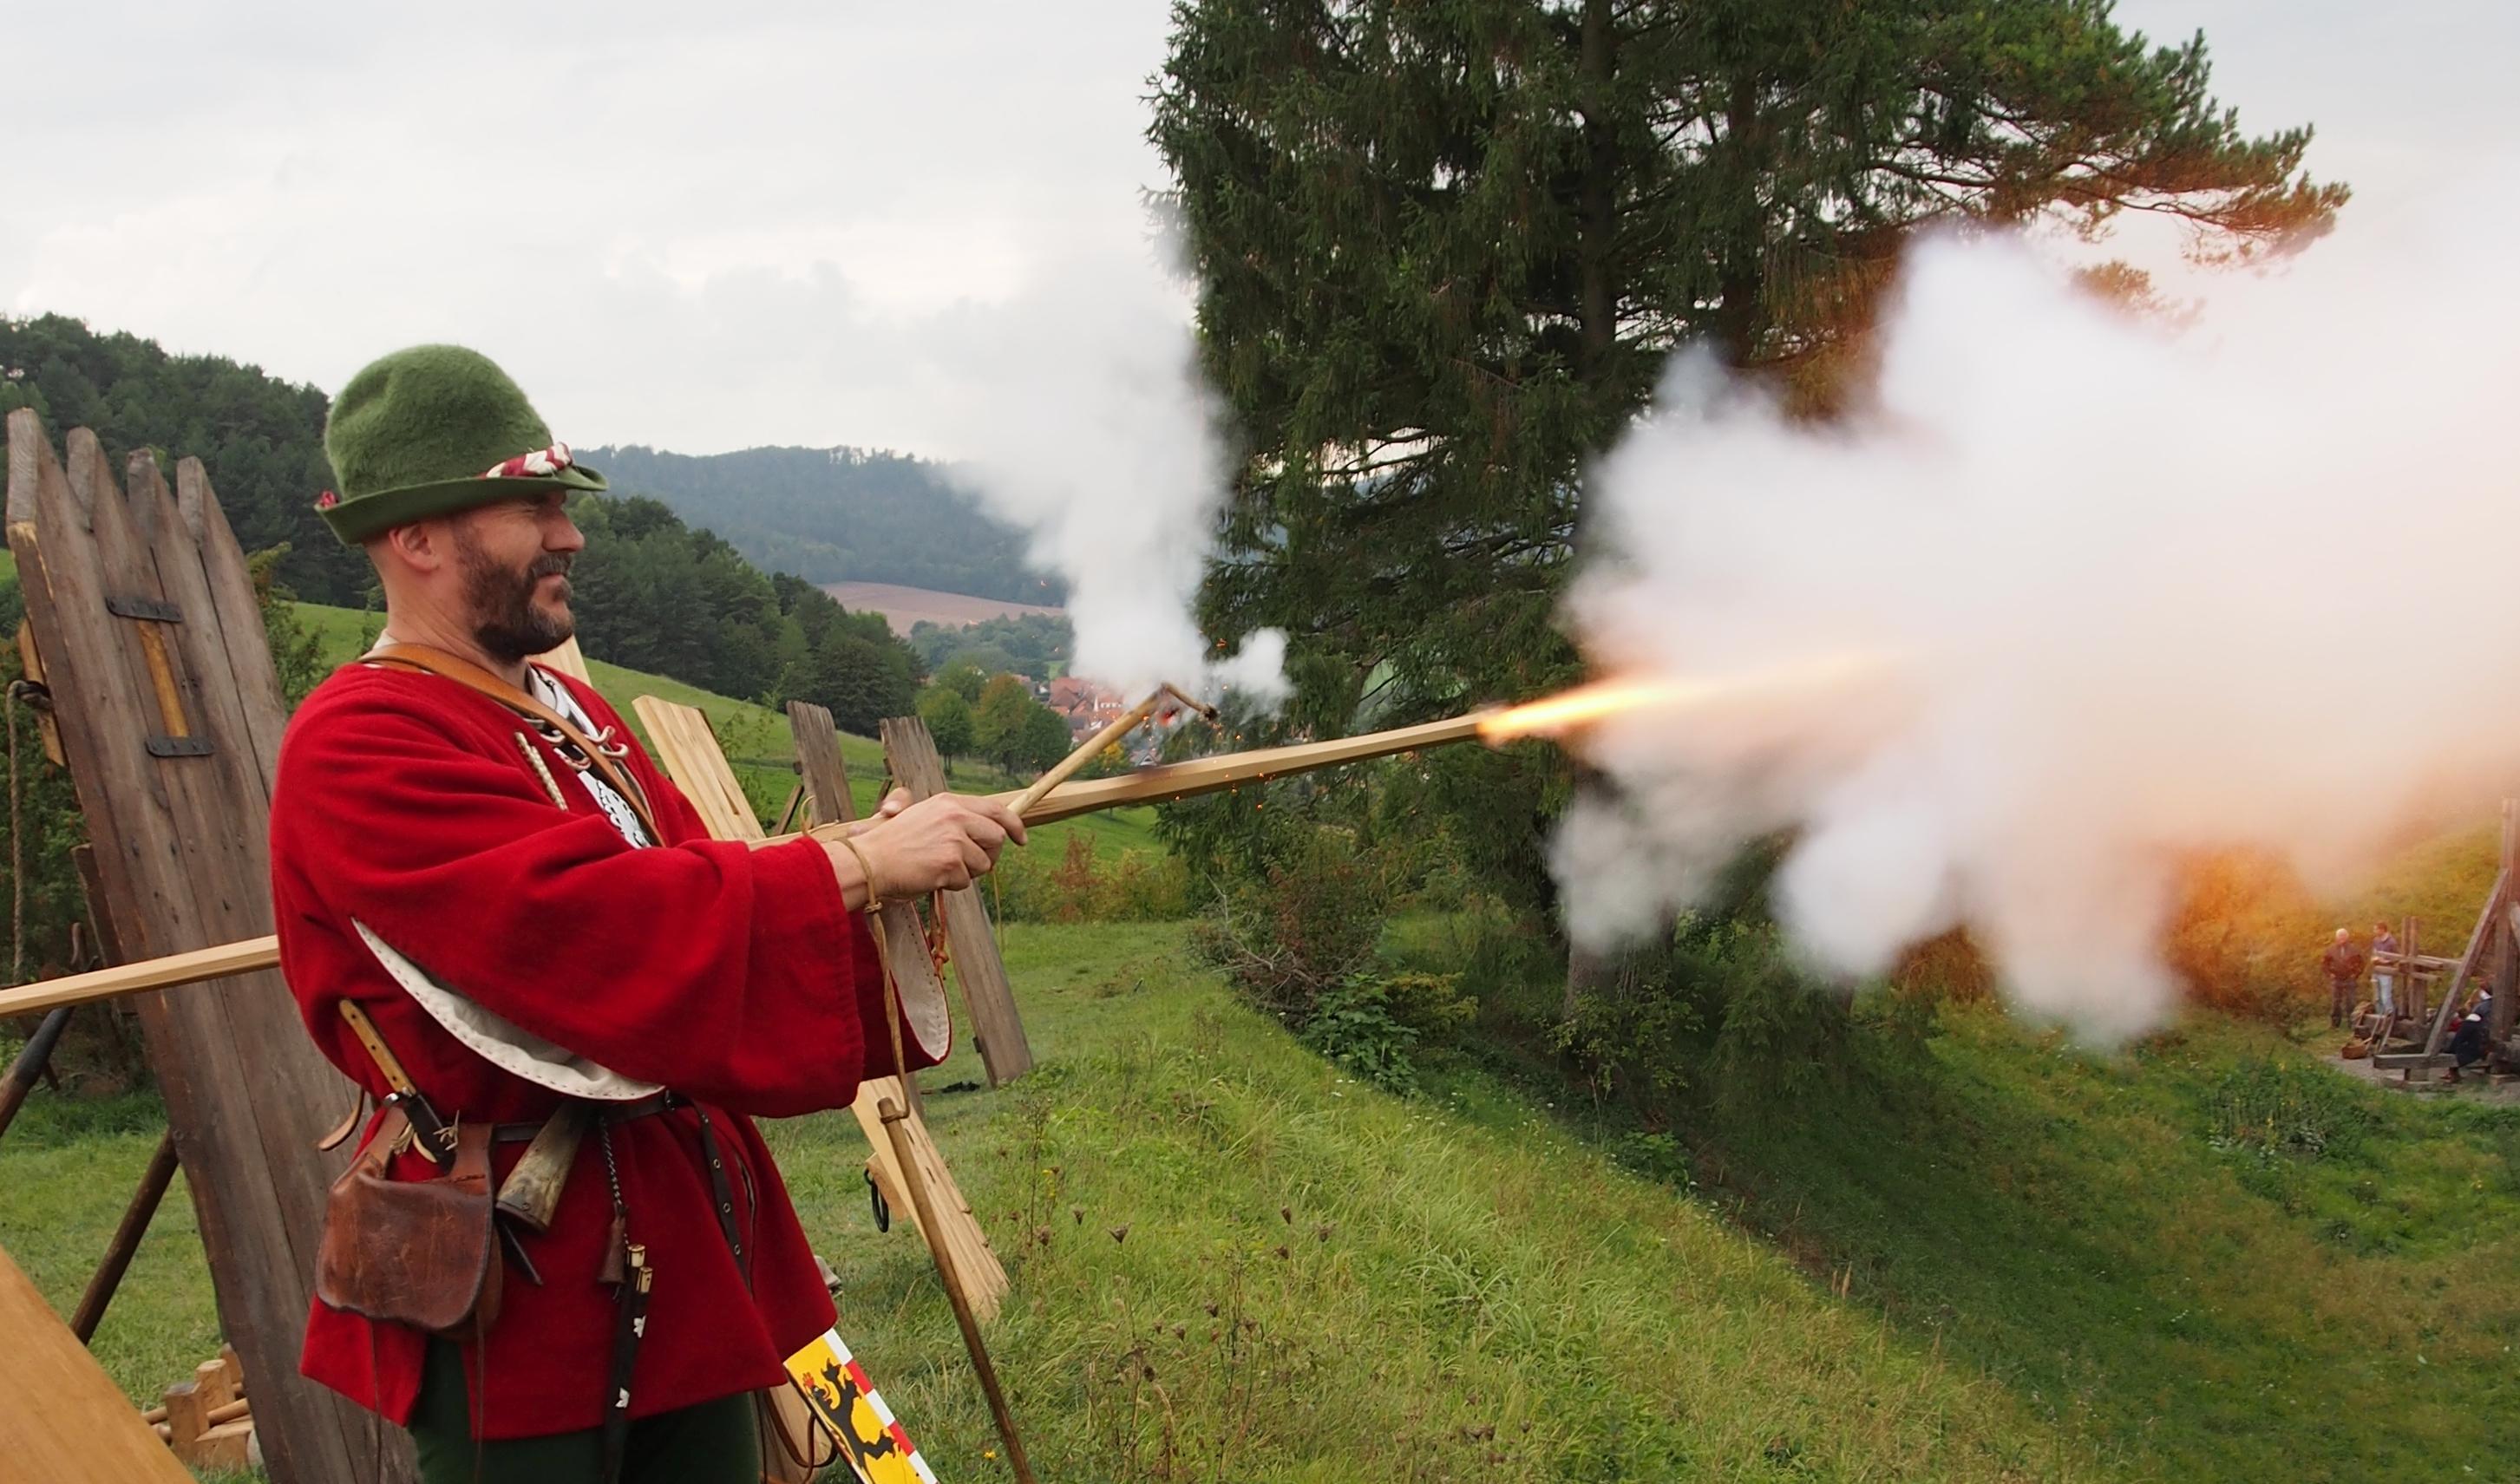 Der Schuß geht los und ein Feuerstrahl und eine Rauchwolke schießen aus der Mündung